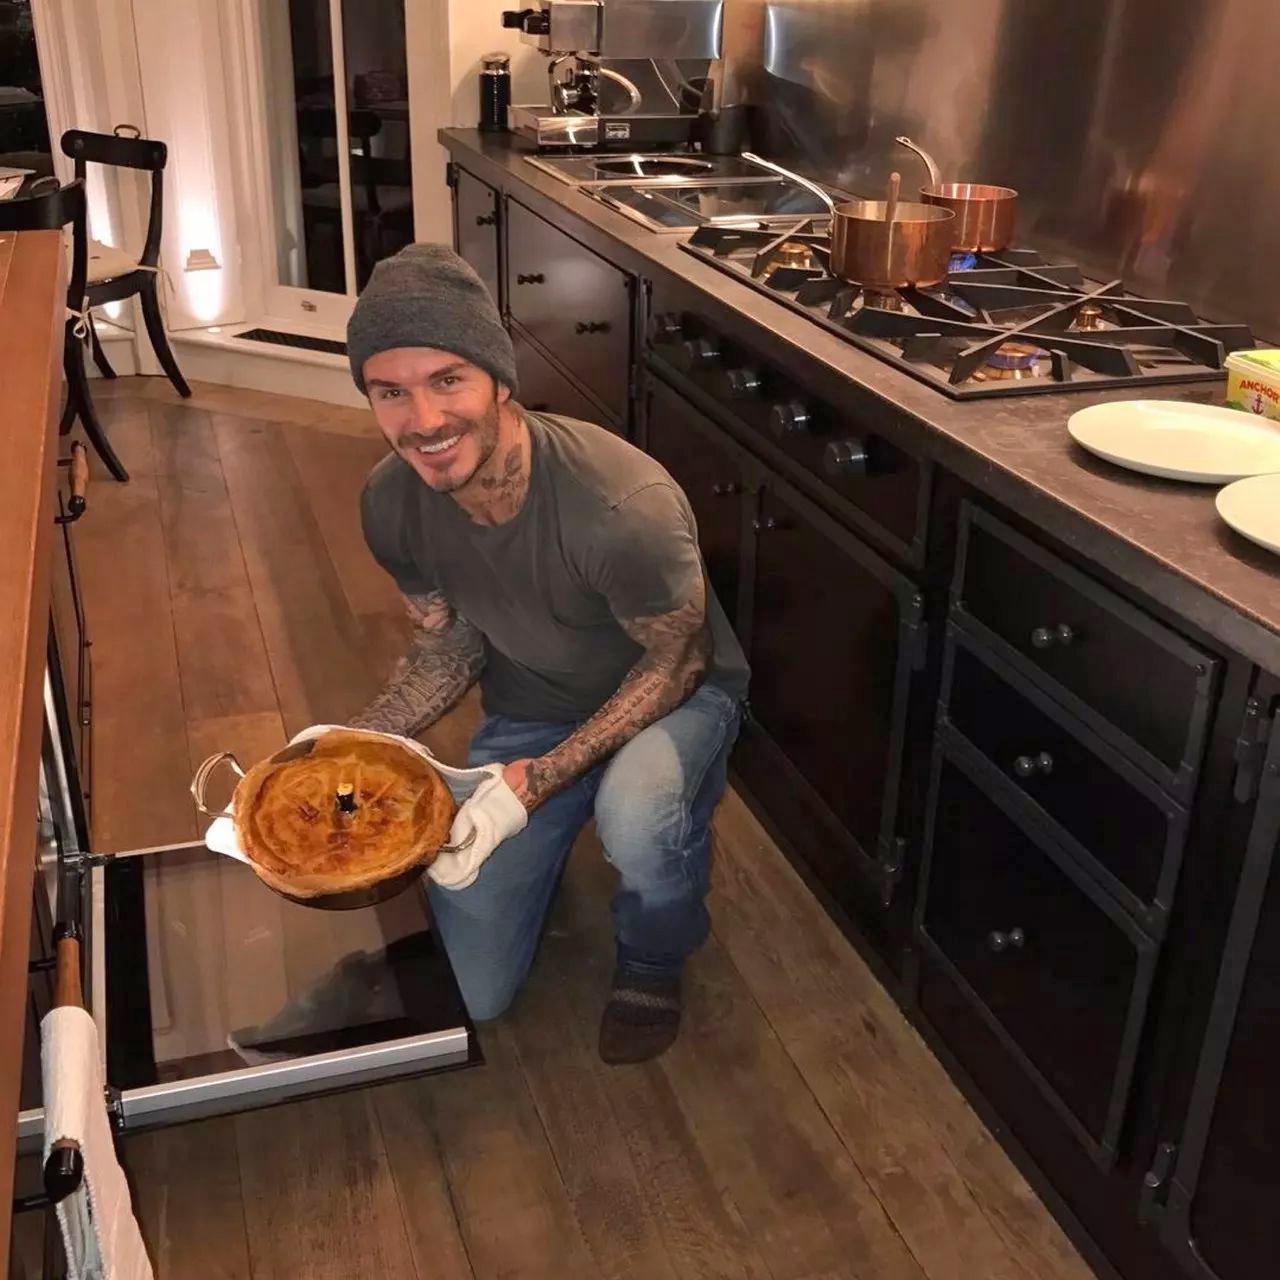 David Beckham shows off his baking skills in their cool kitchen. Image: @victoriabeckham / Instagram